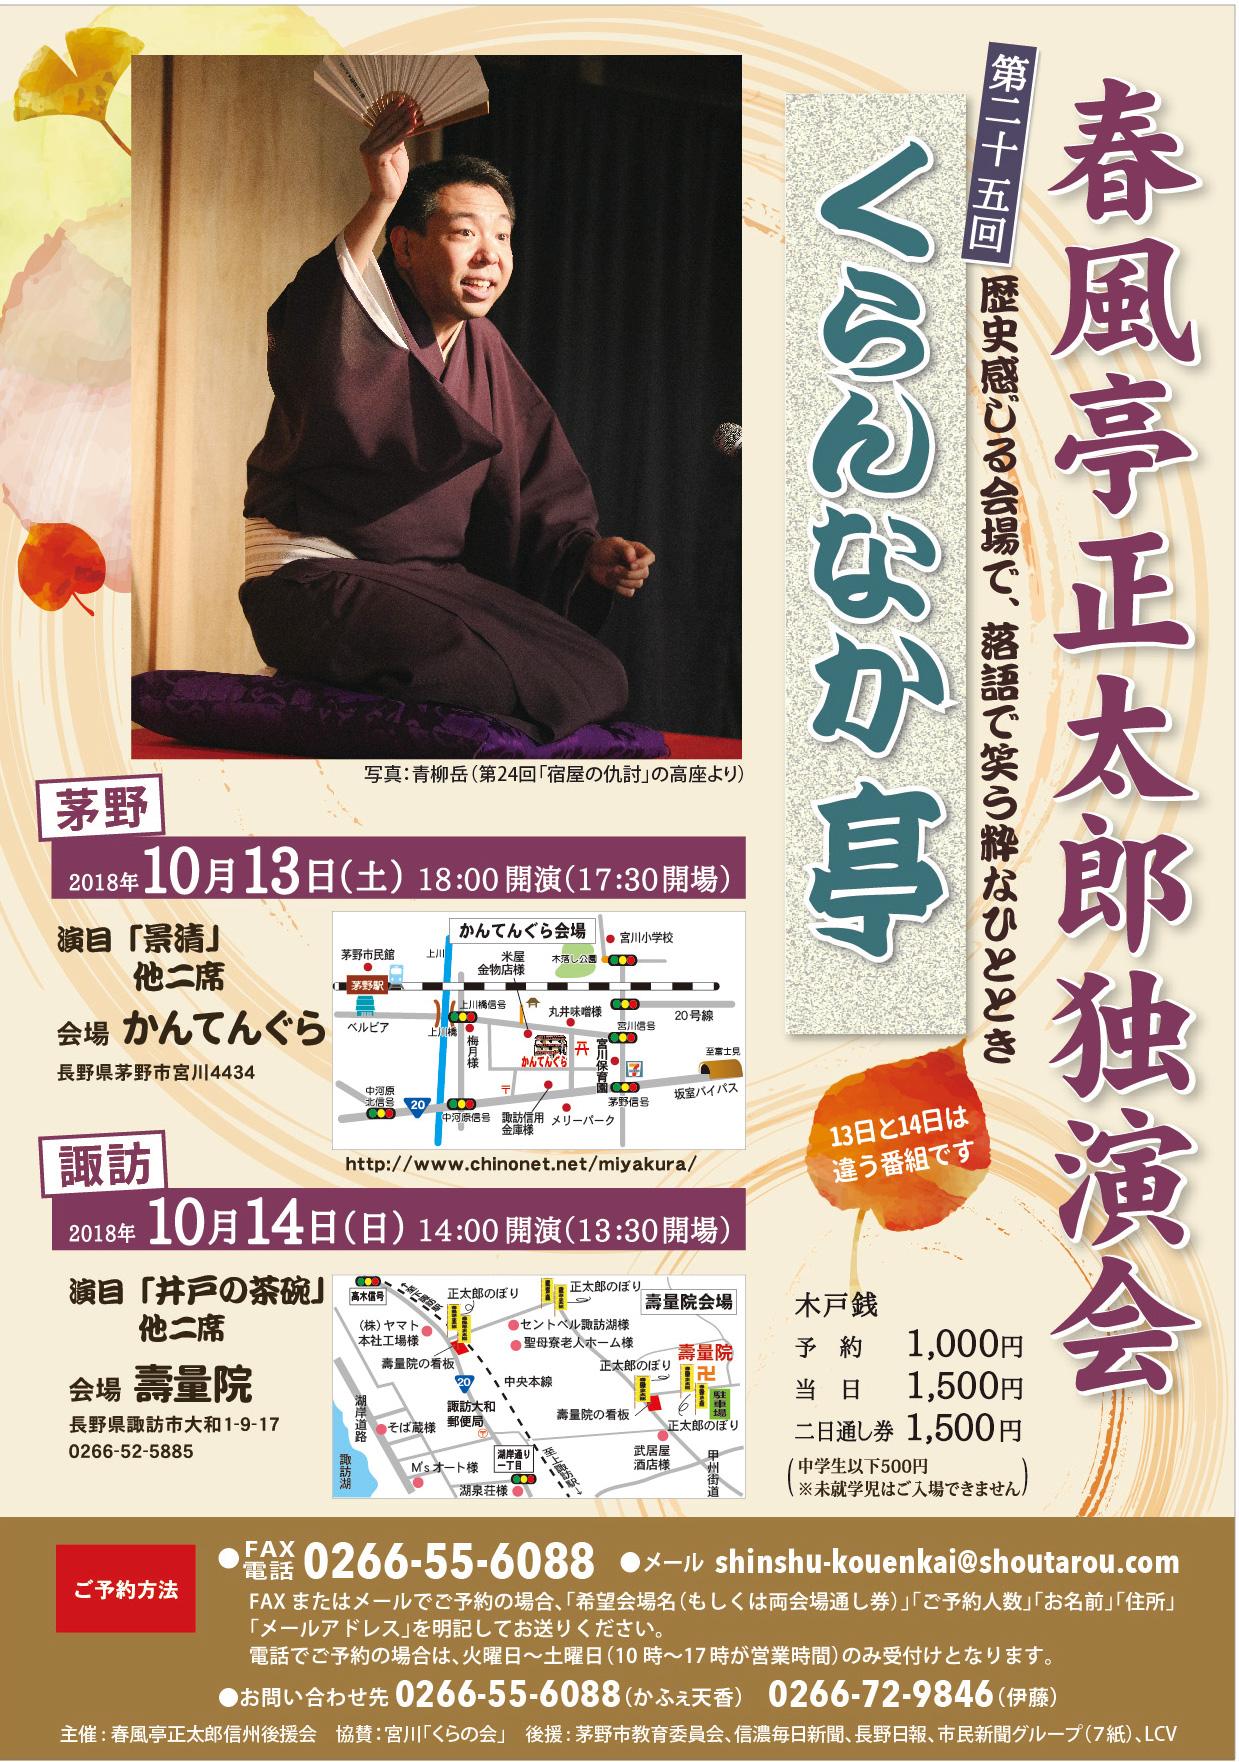 春風亭正太郎独演会 第二十五回くらんなか亭ちらしができました。